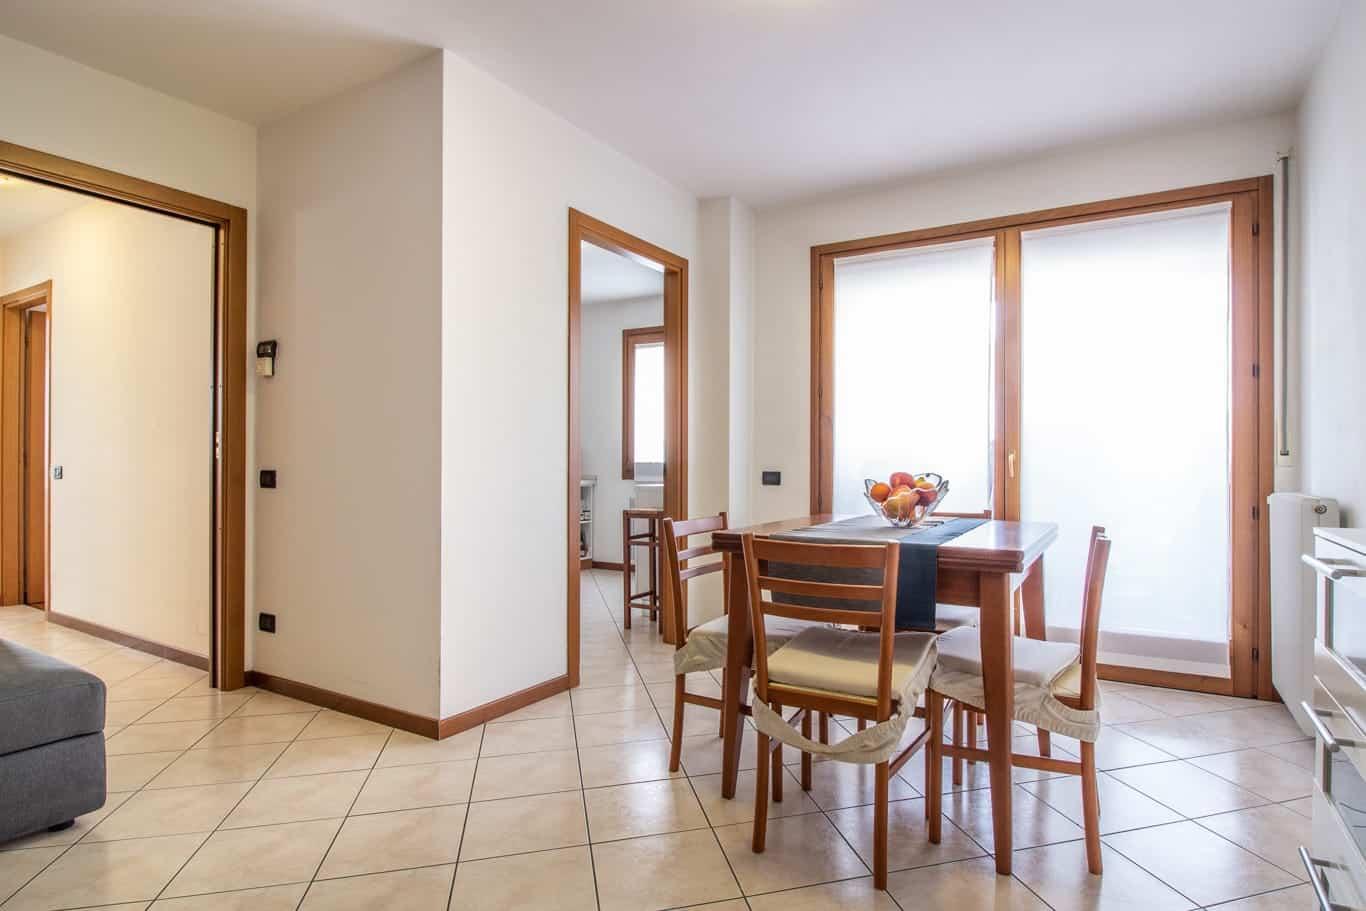 abitare immobiliare vendesi appartamento a pordenone (6 of 8)